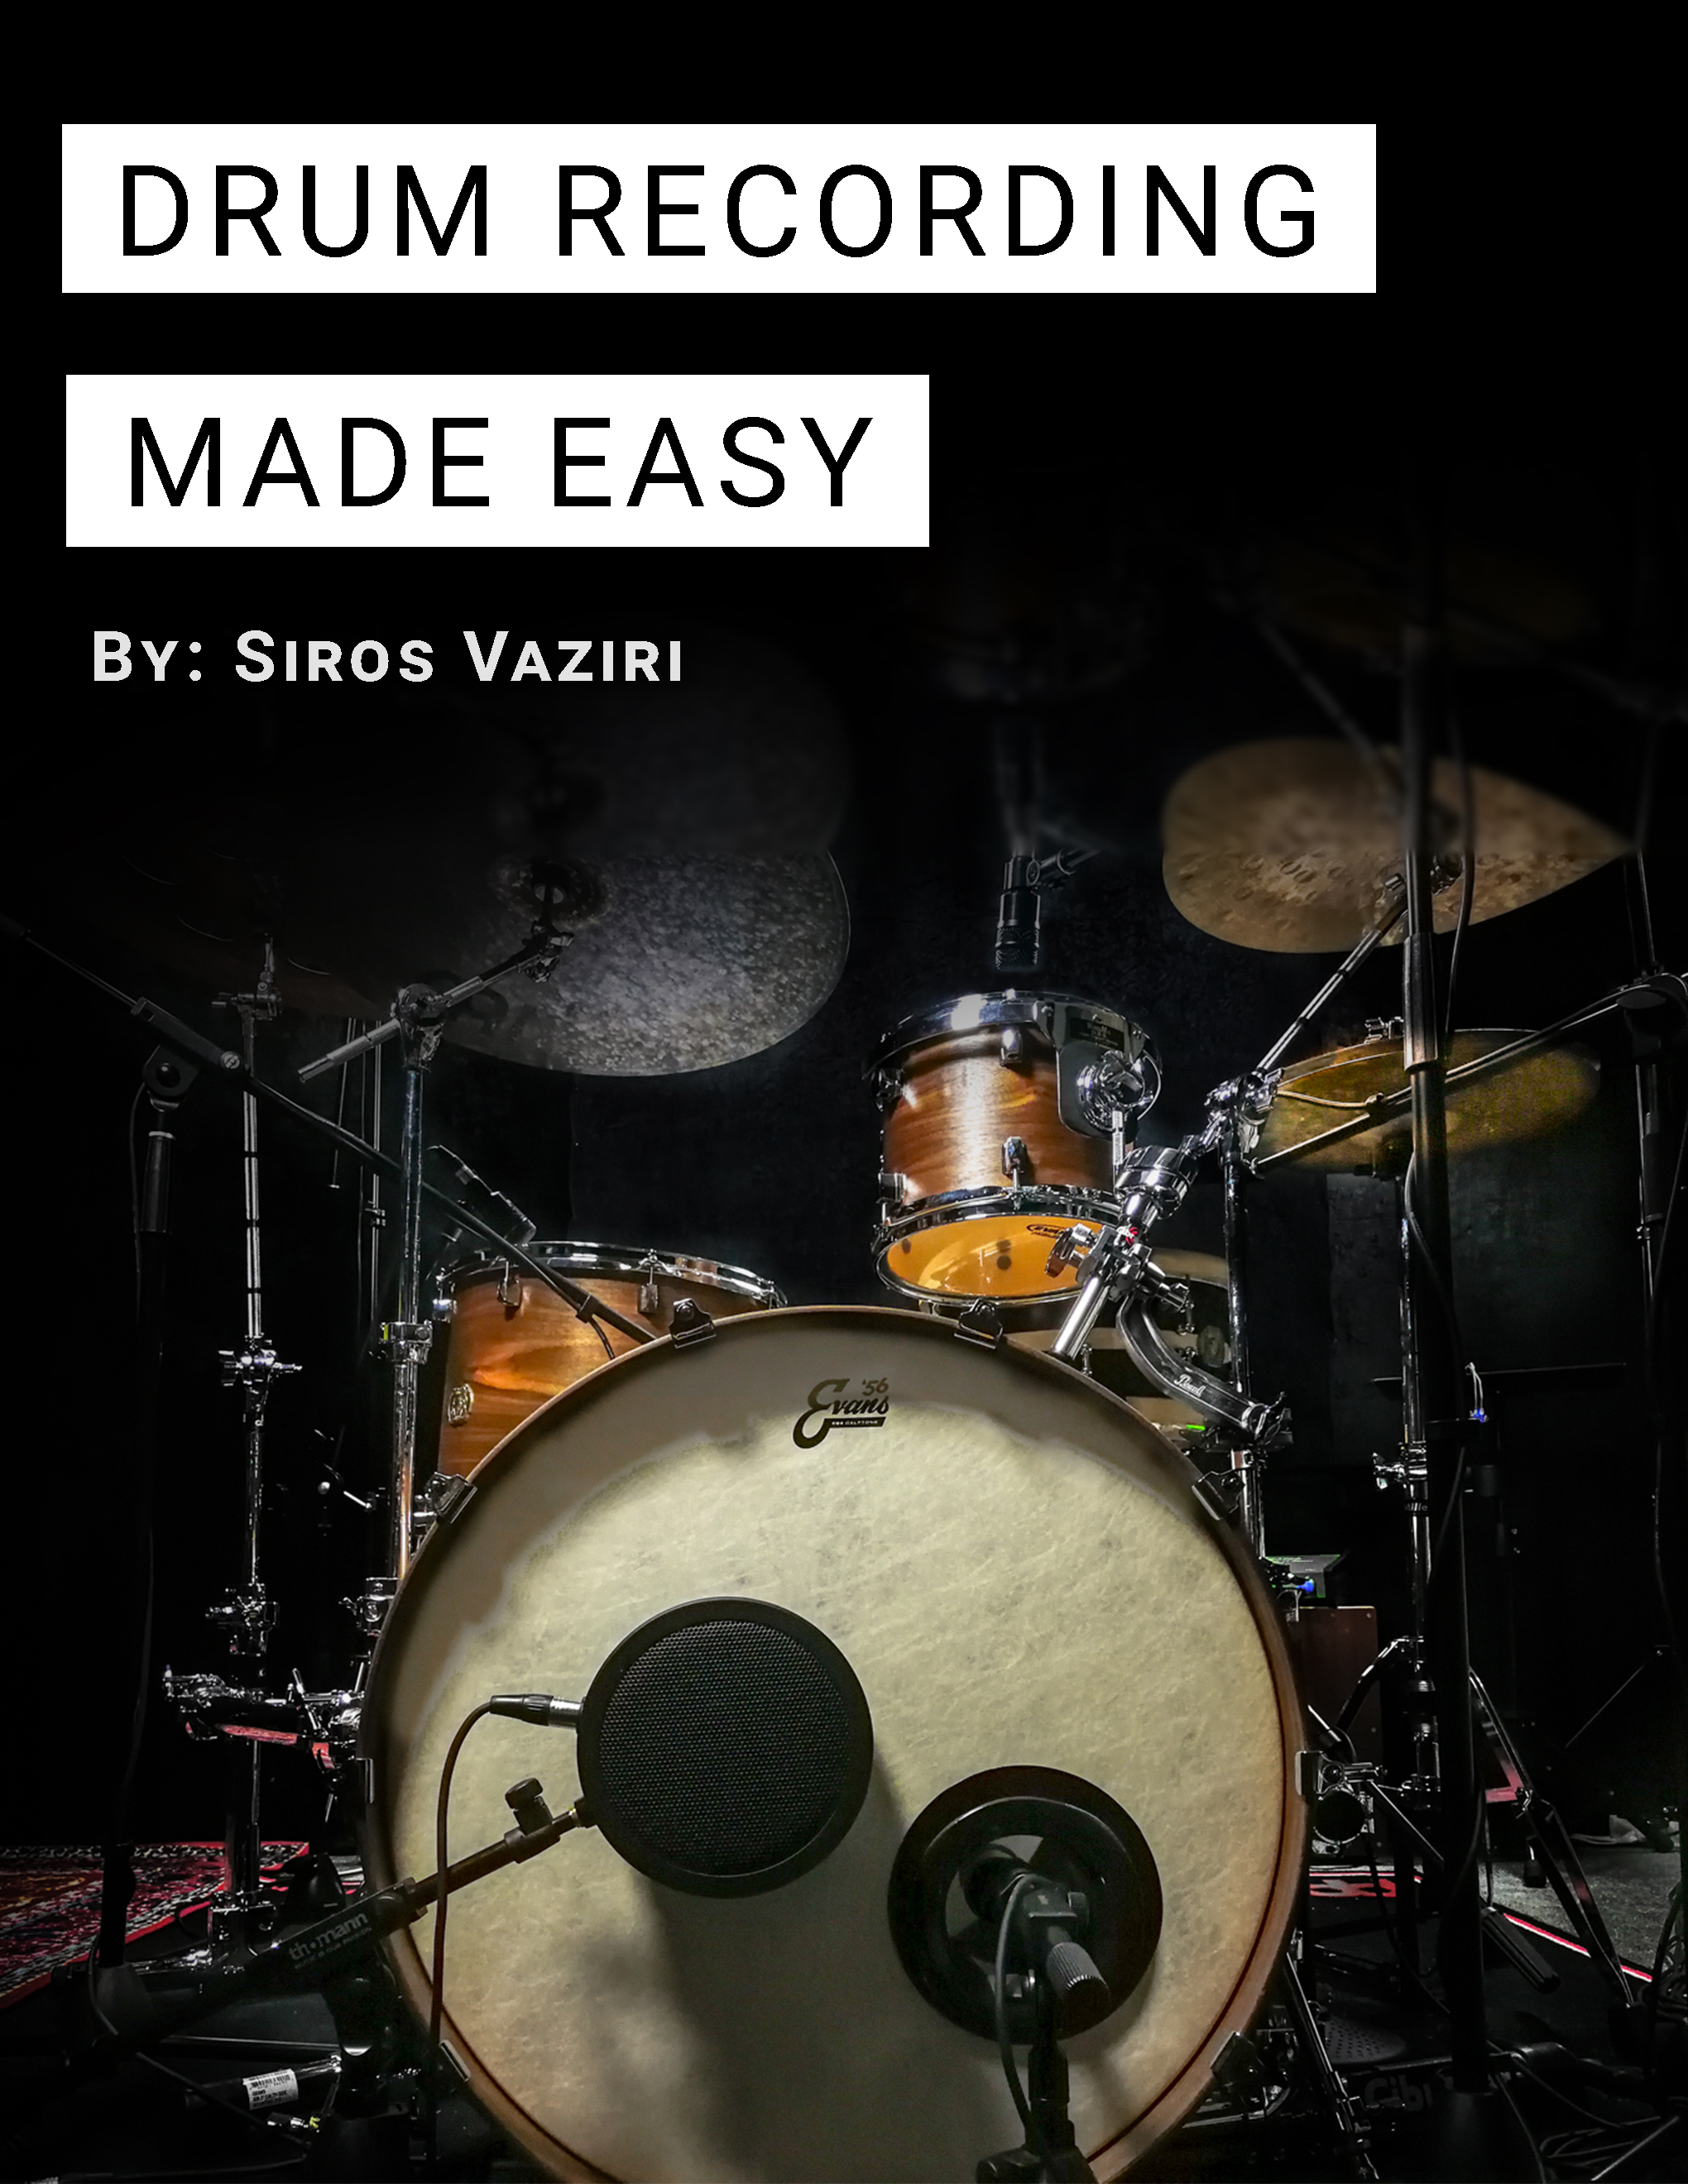 Drum-Recording-Made-Easy_v2.jpg